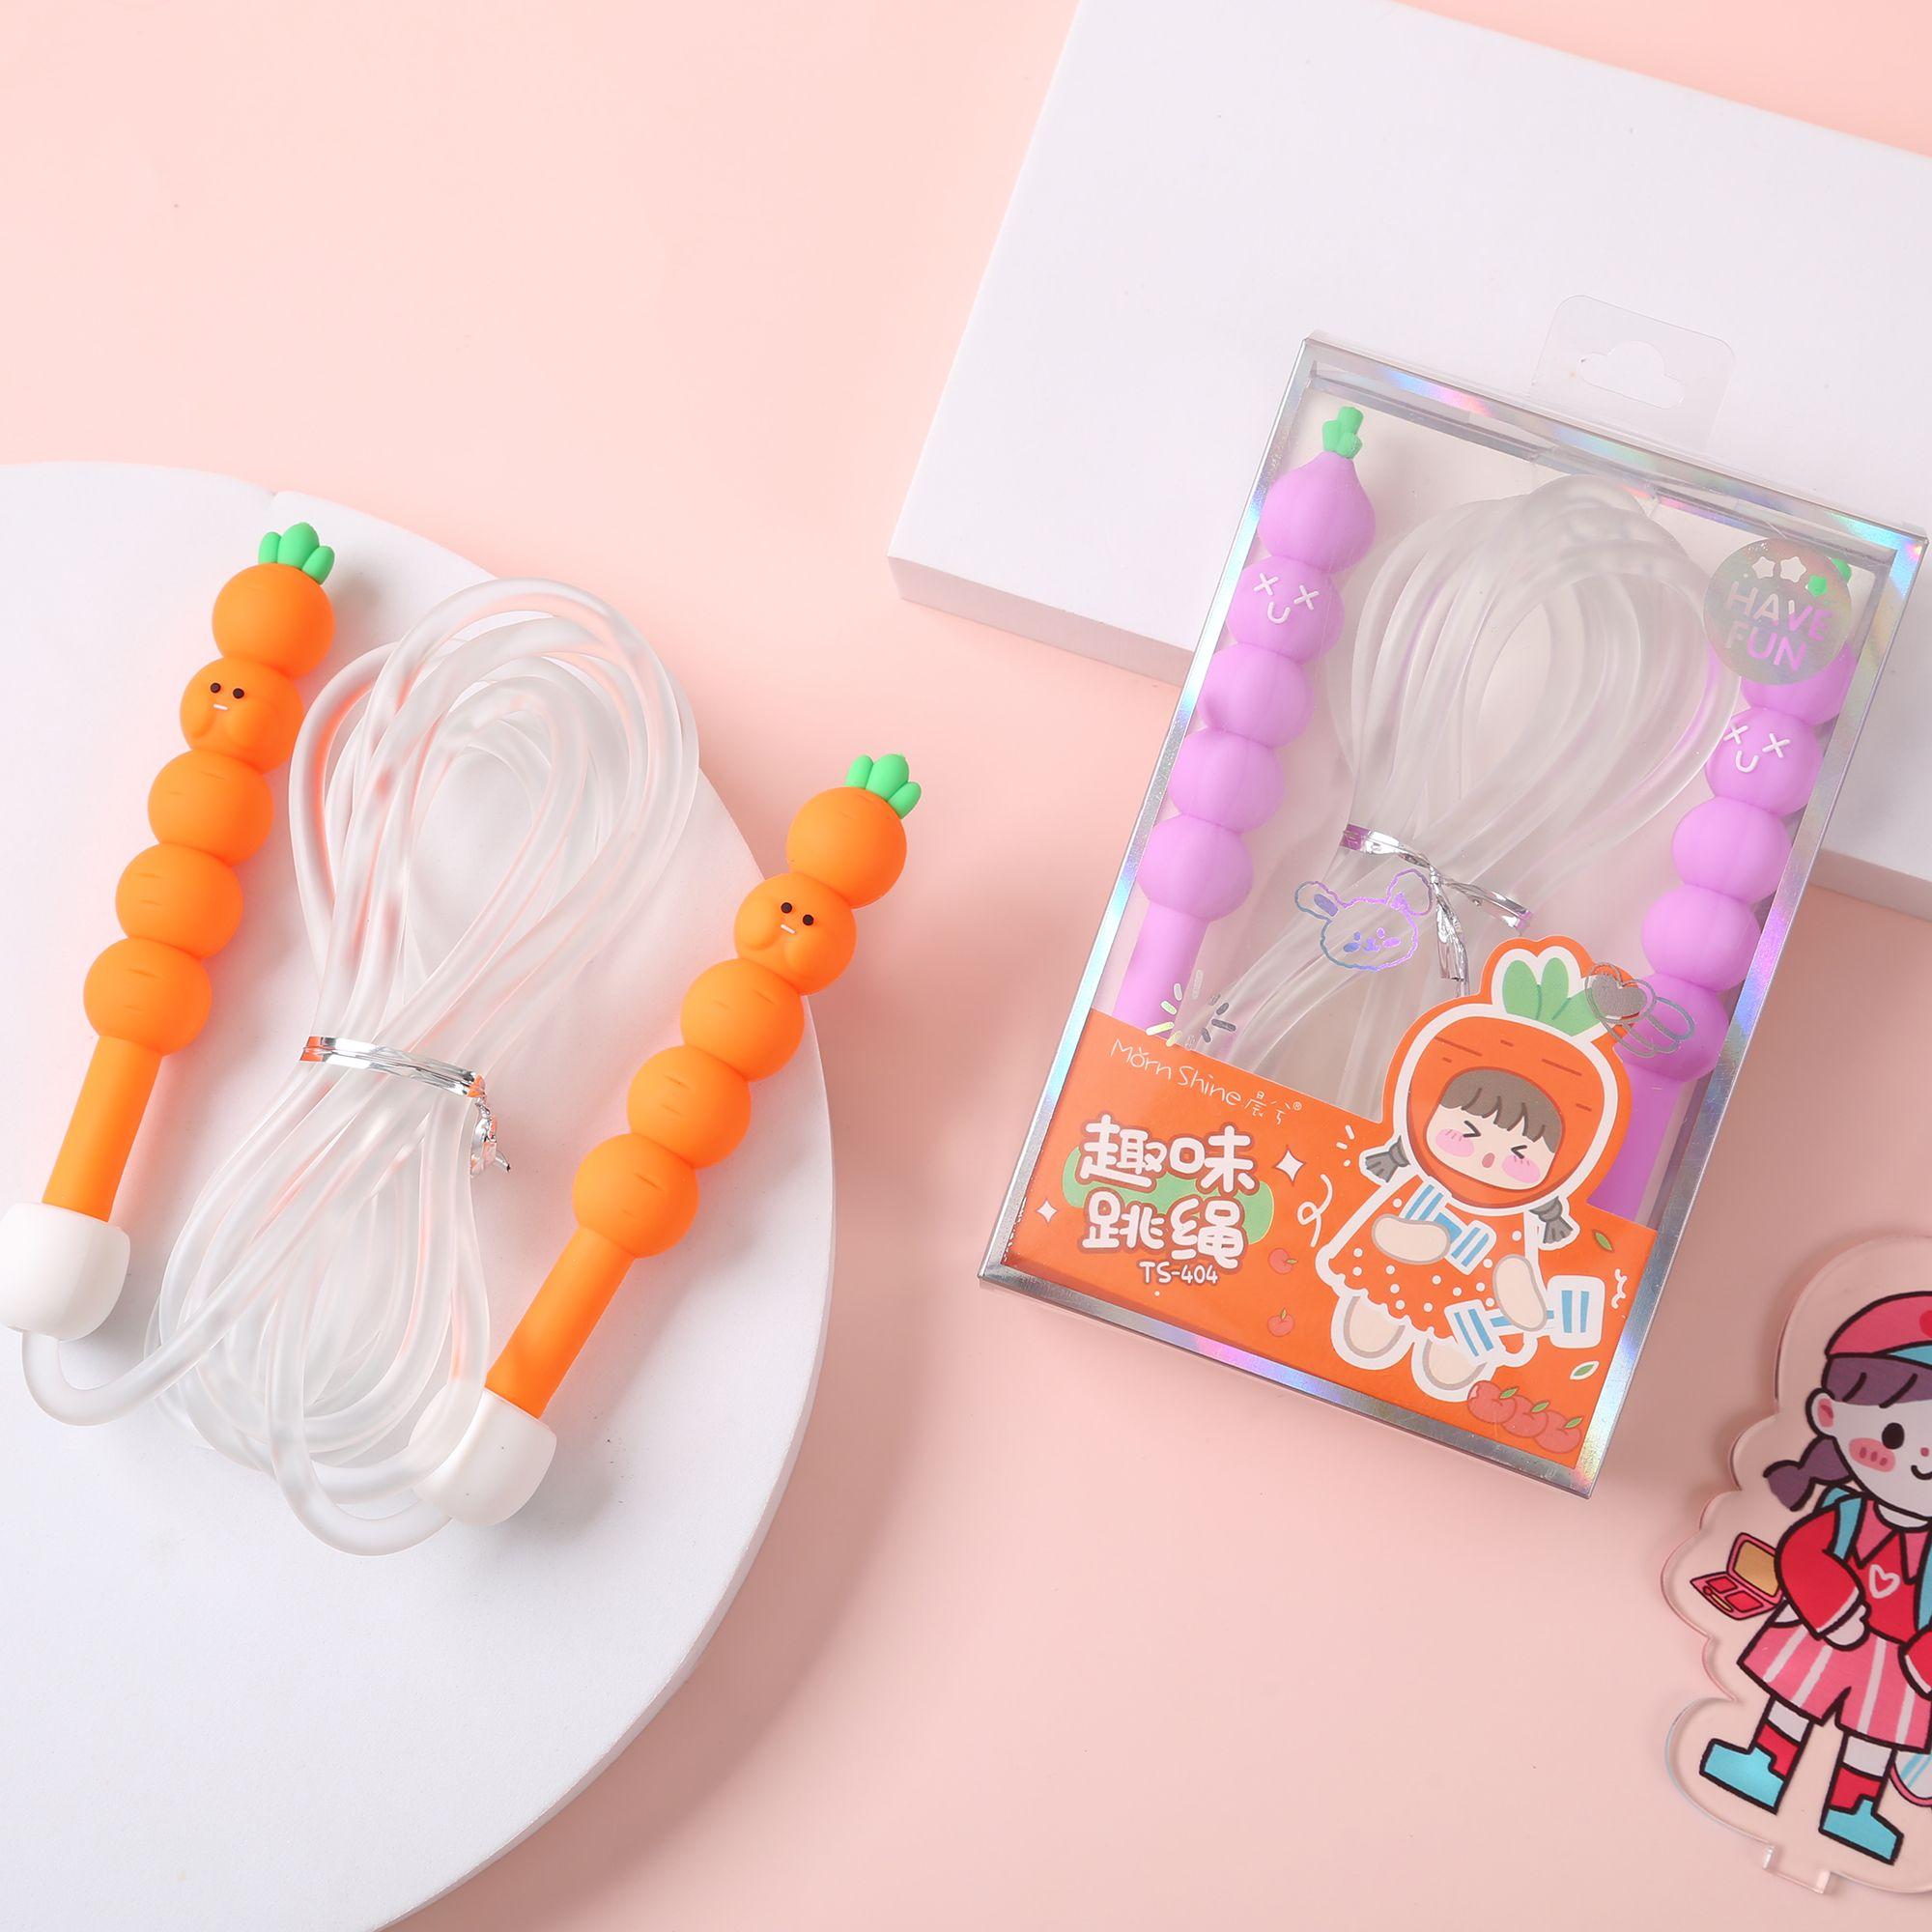 晨兮文具卡通水果造型男女儿童学生厂家直销可爱萌系跳绳